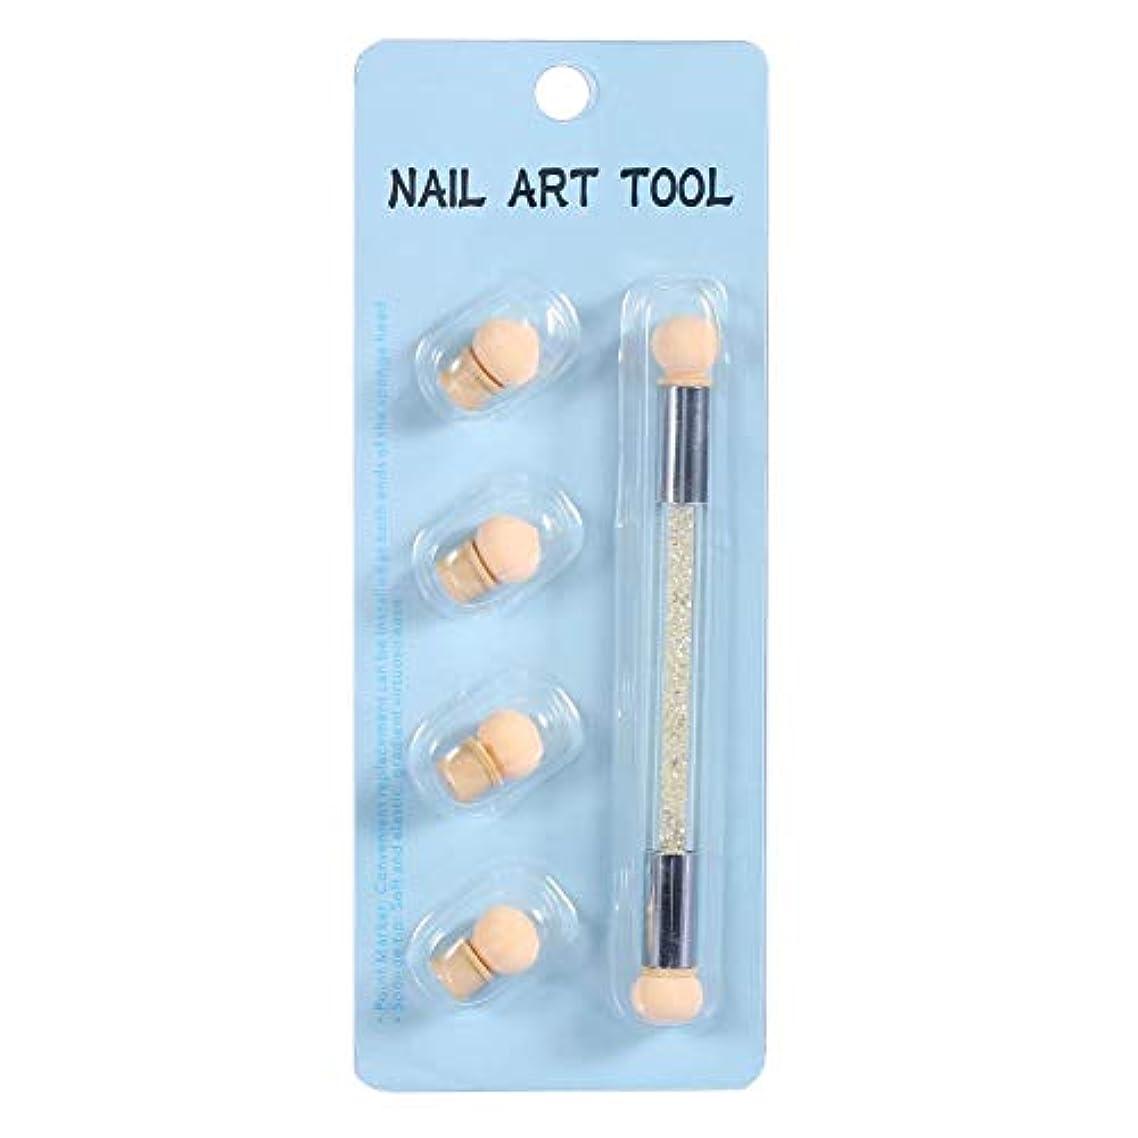 デッド人柄証明書ネイルアート 4個 交換用 スポンジヘッド ネイルアートスポンジブラシ ネイル筆 ドットペン